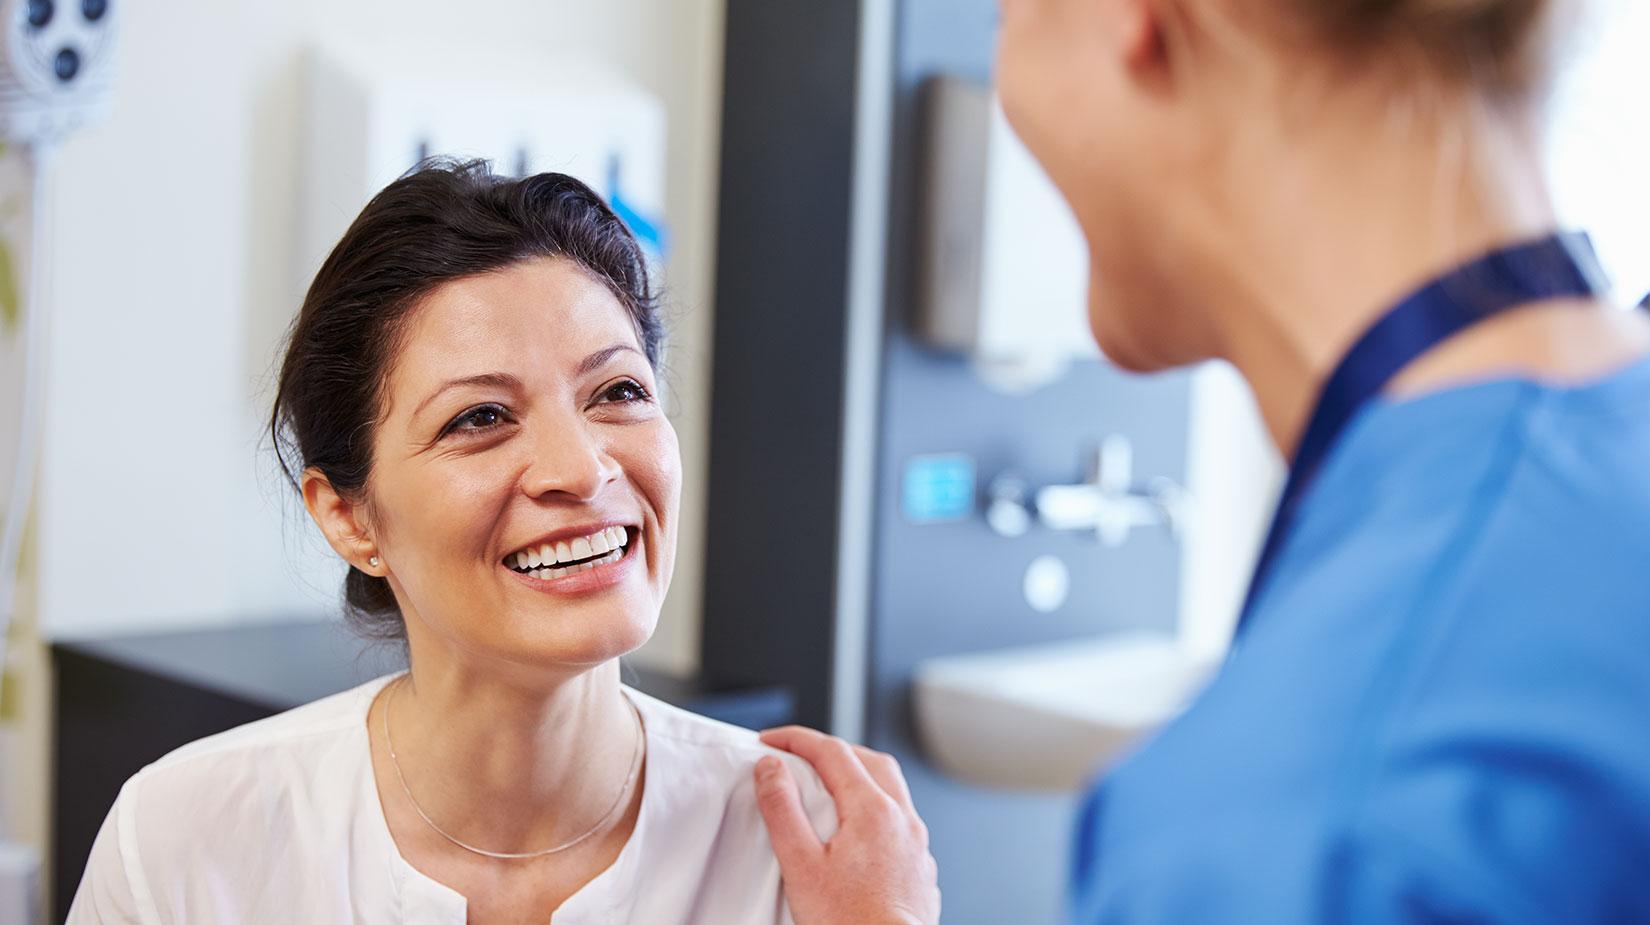 Kadınlarda erken menopoz nedenleri nelerdir